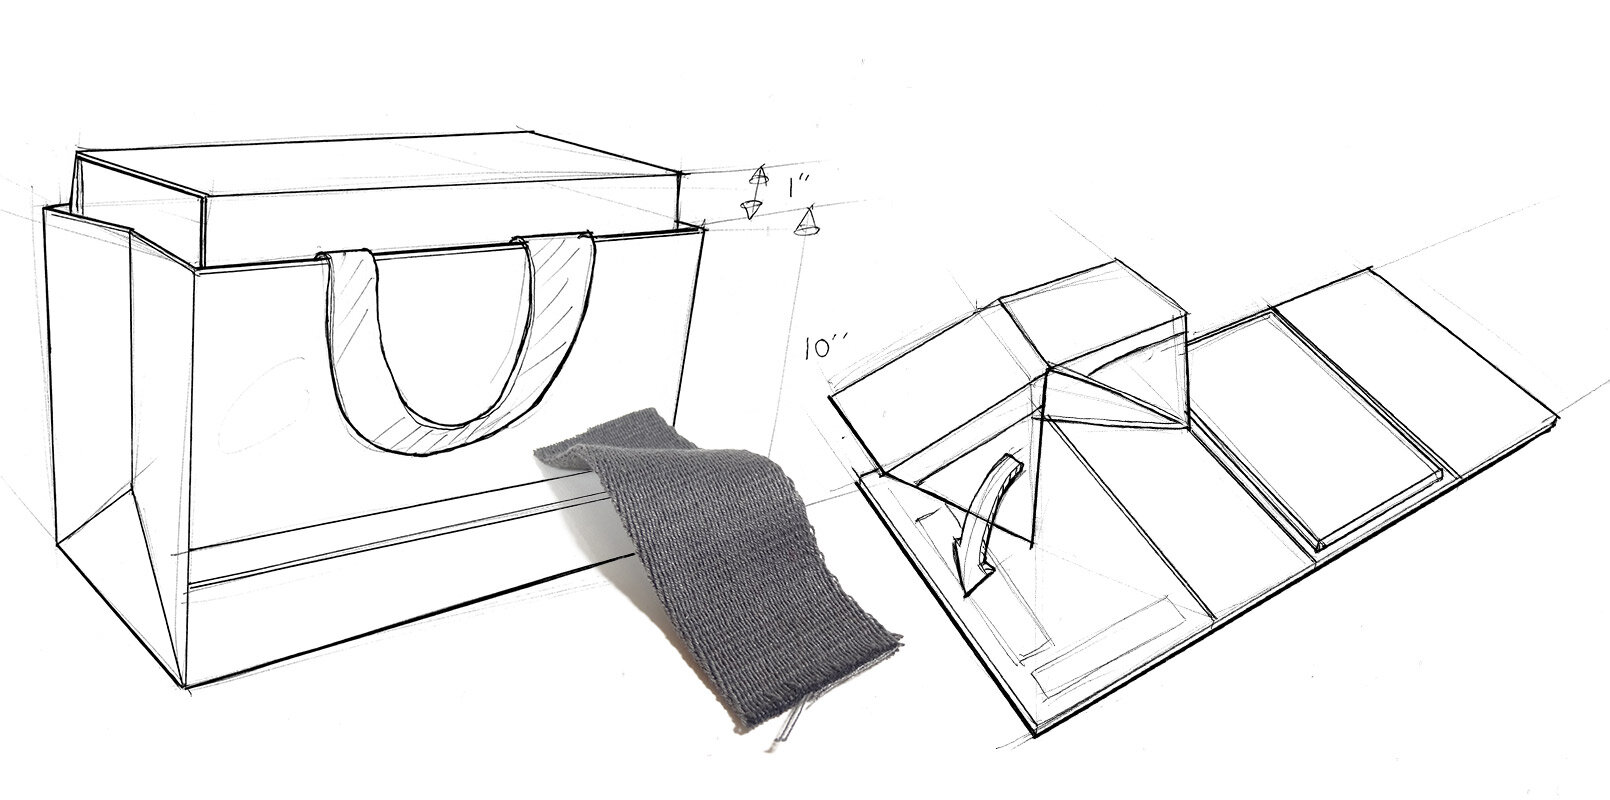 湾流箱包装 - 公司设计-1.jpg